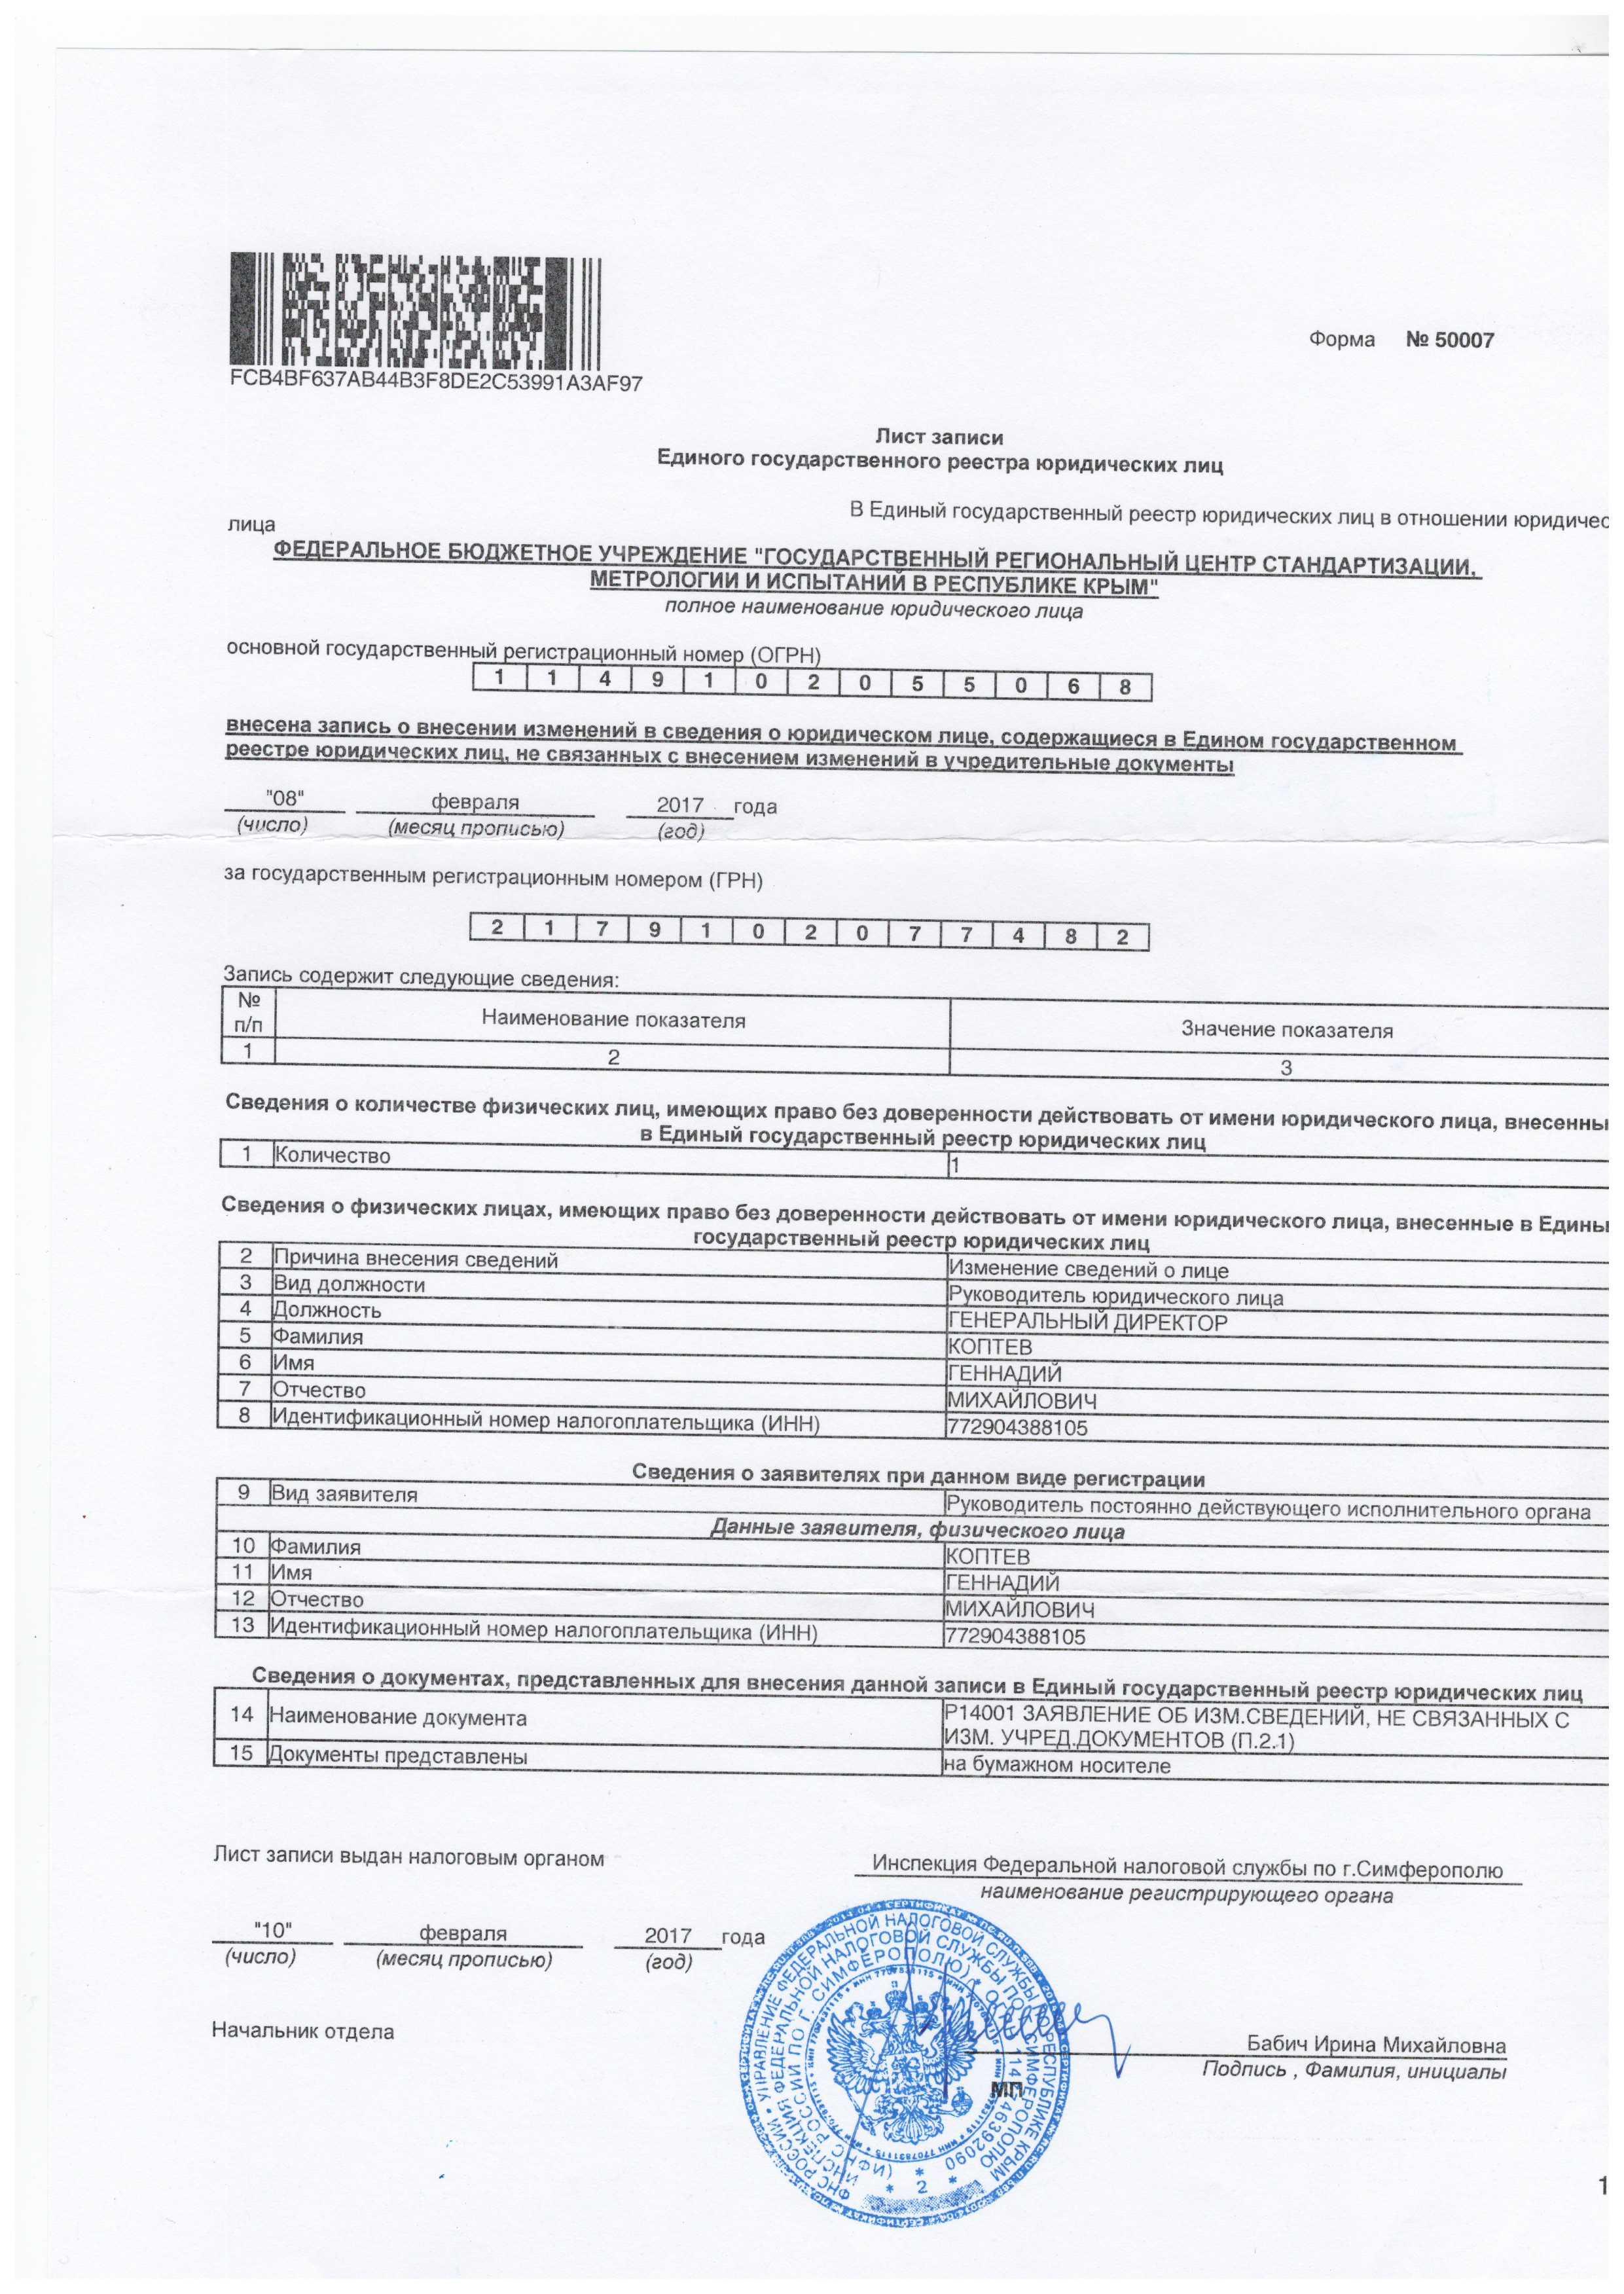 Сведения не связанные с внесением в учредительные документы